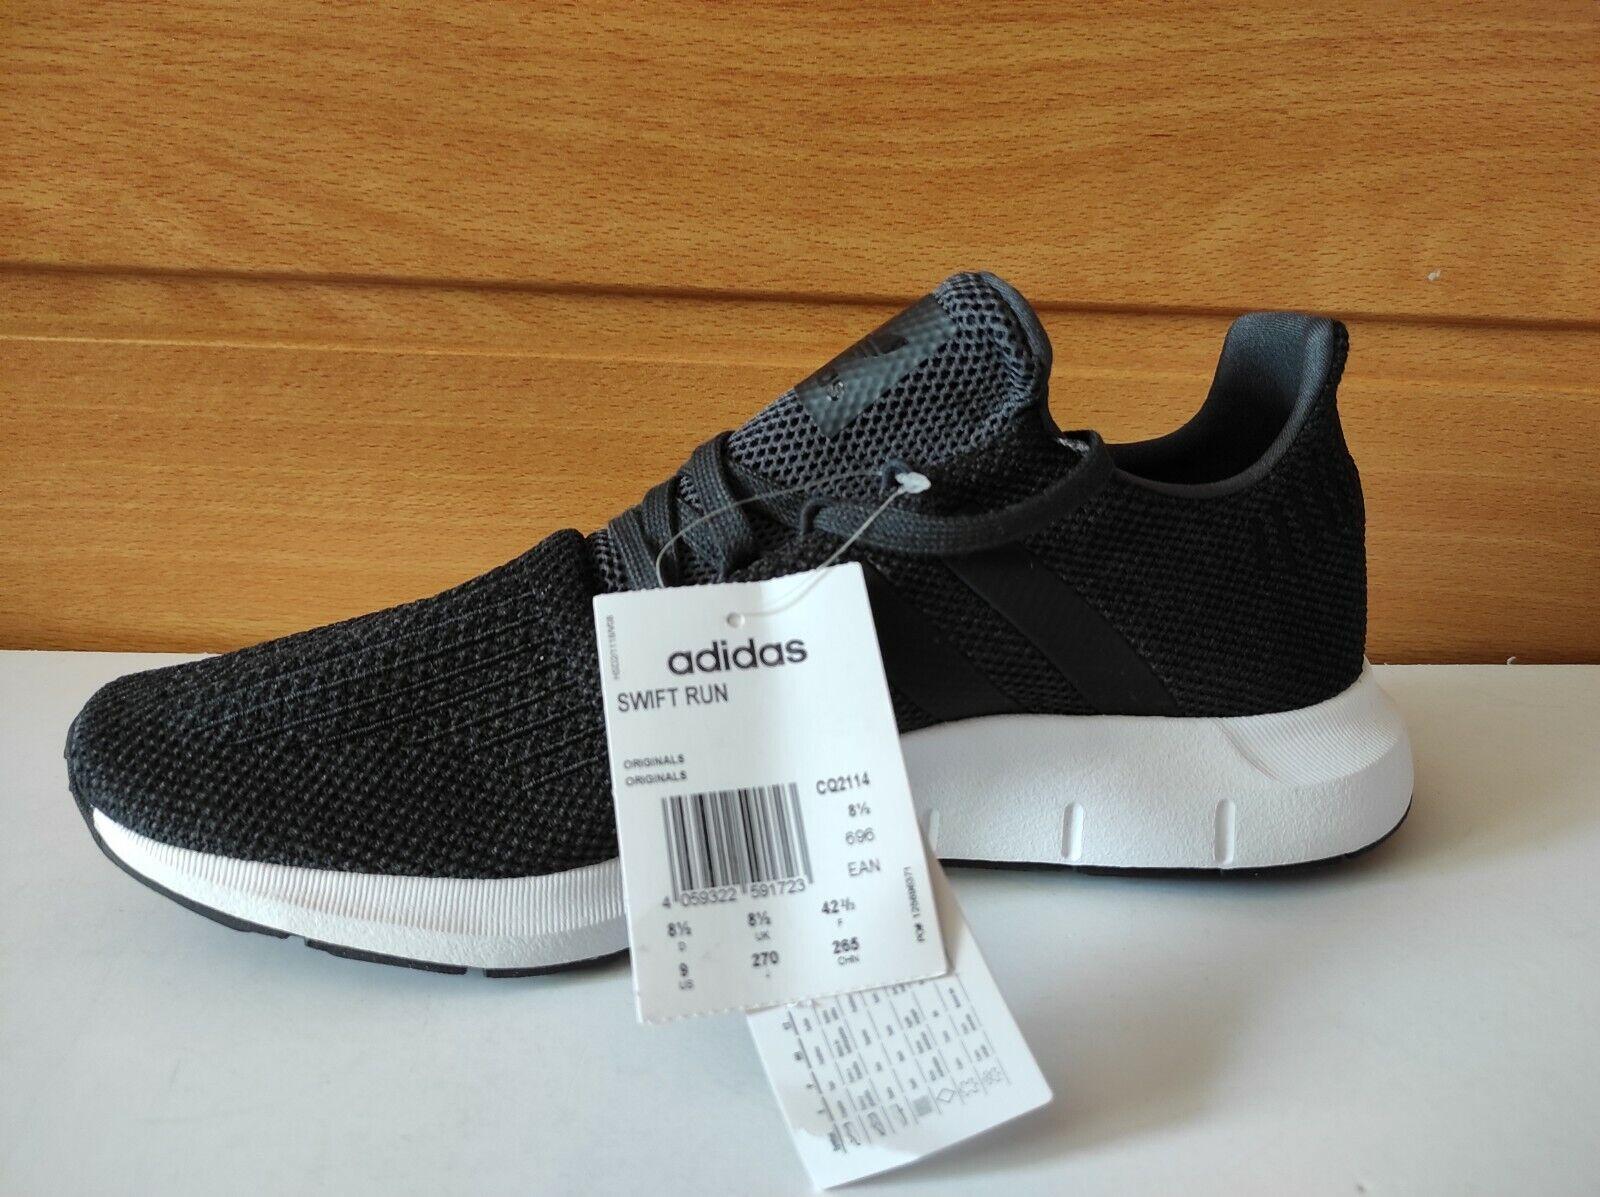 Adidas Zapatillas Hombre Swift Run CQ2114 Negras Blanco Nuevas Sin Caja